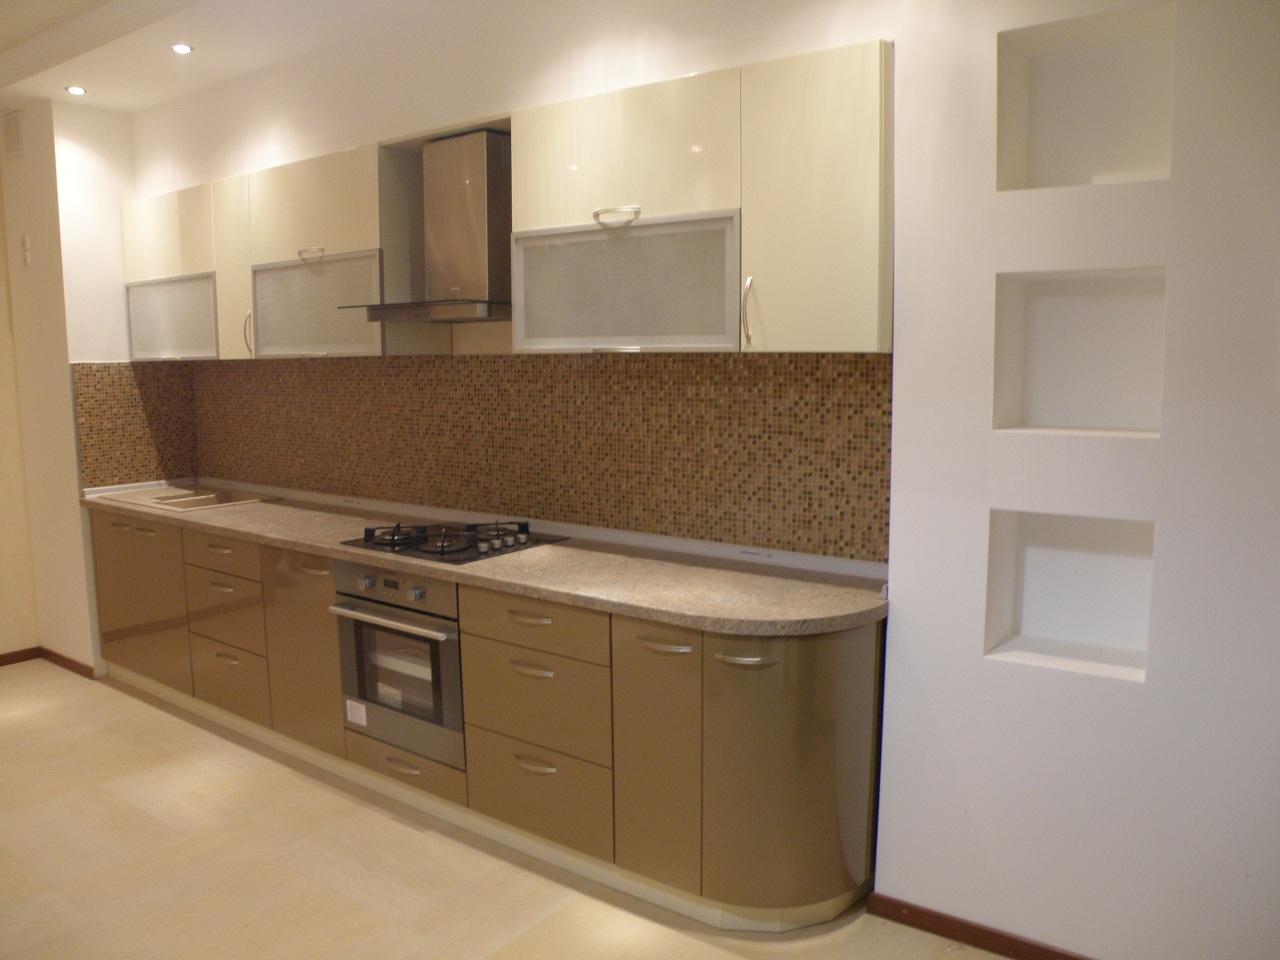 2-цветная кухня с радиусным фасадом.